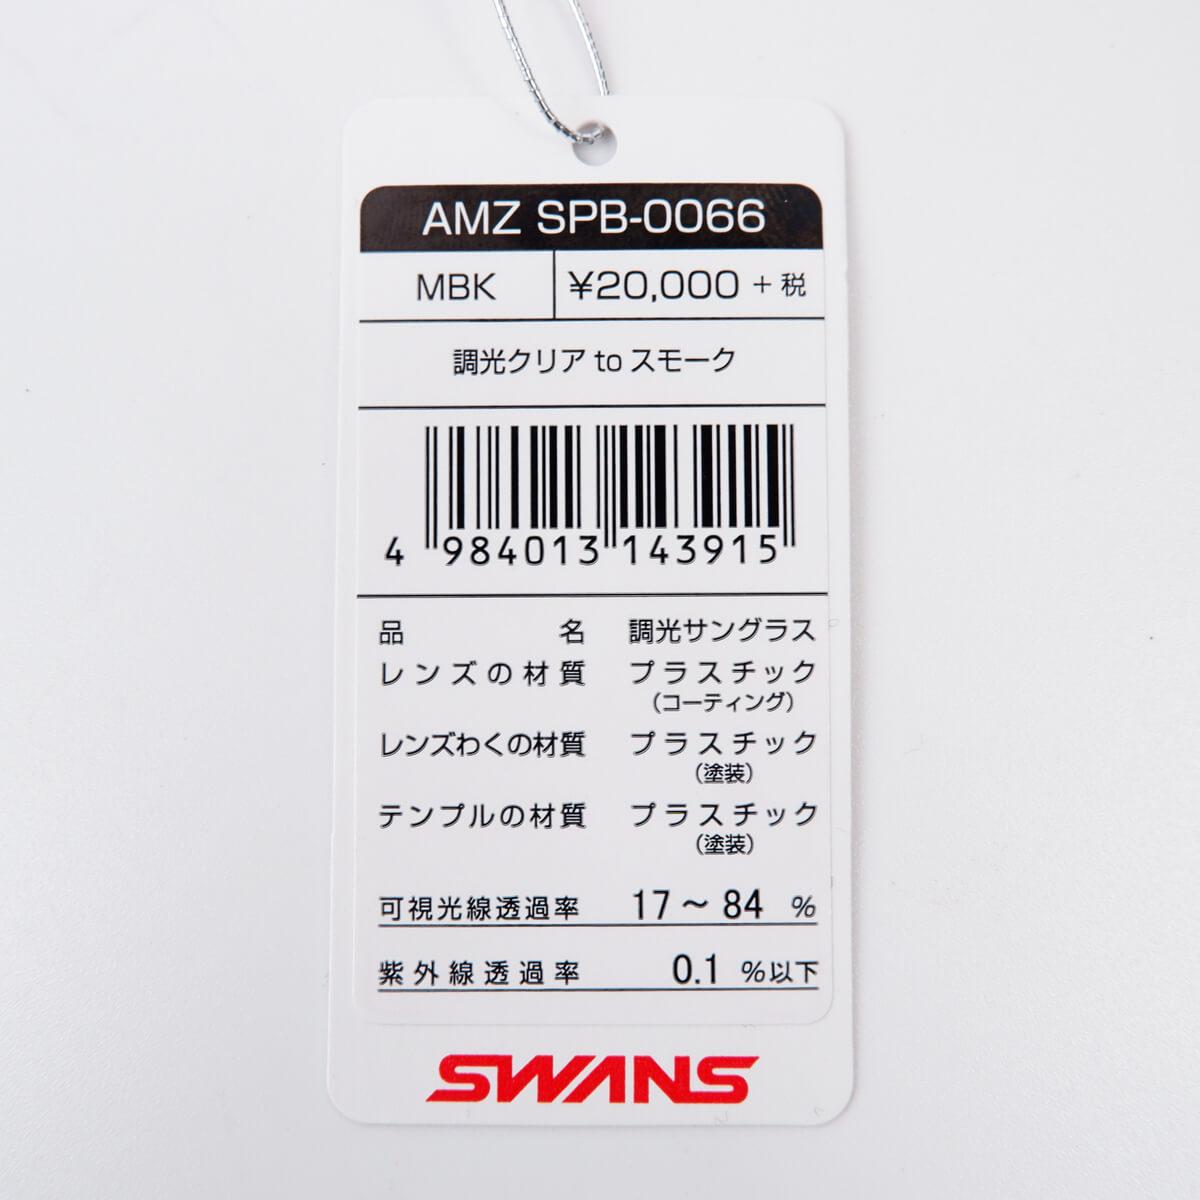 スワンズ スプリングボック 調光タイプのタグ